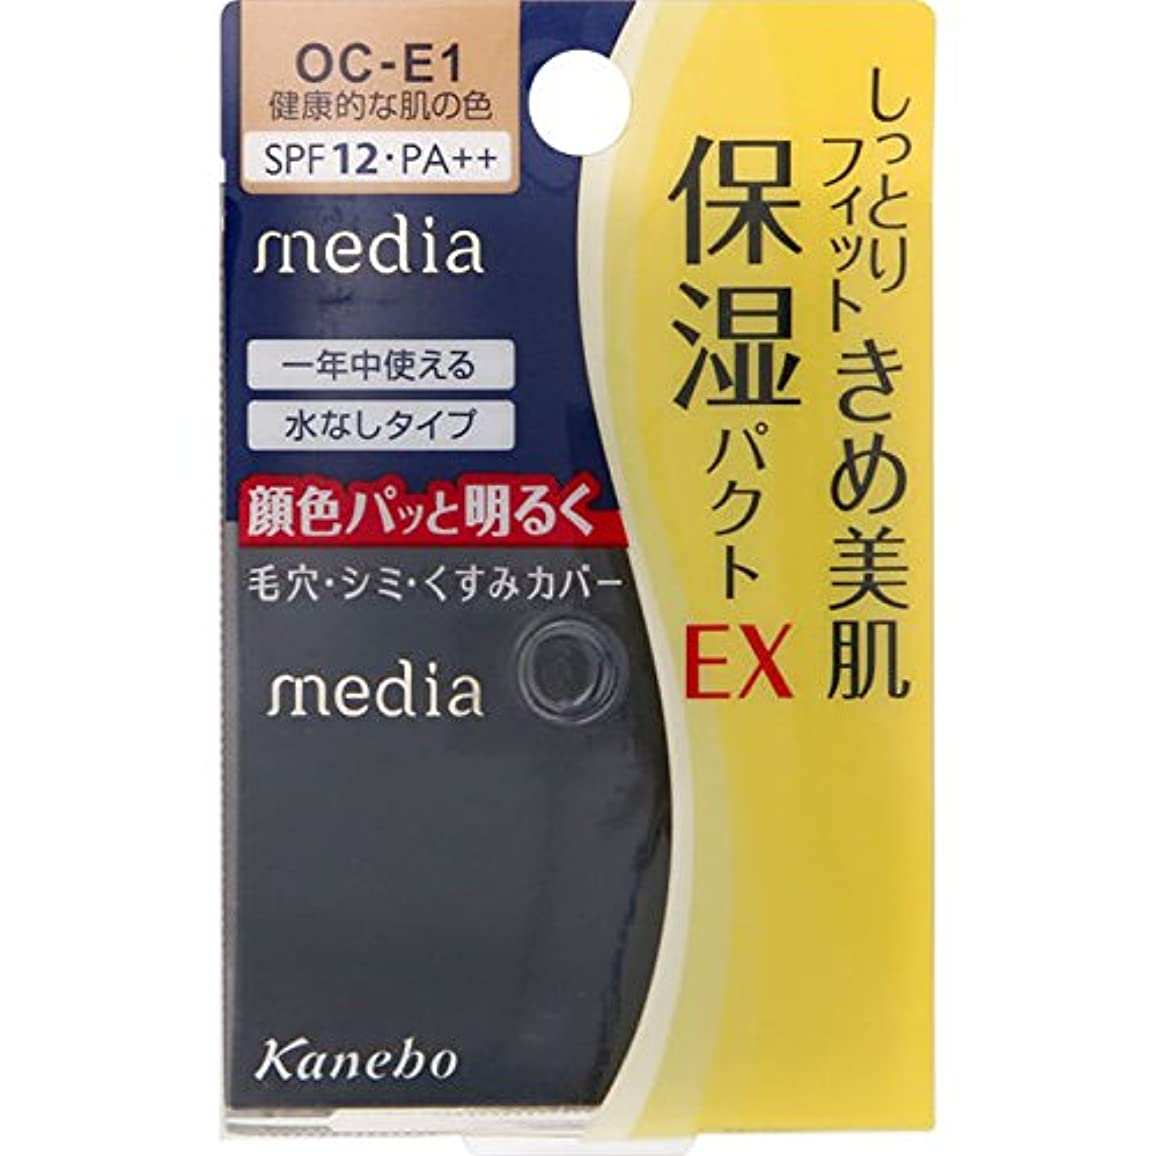 華氏車両渇きカネボウ メディア モイストフィットパクトEX OC-E1(11g)